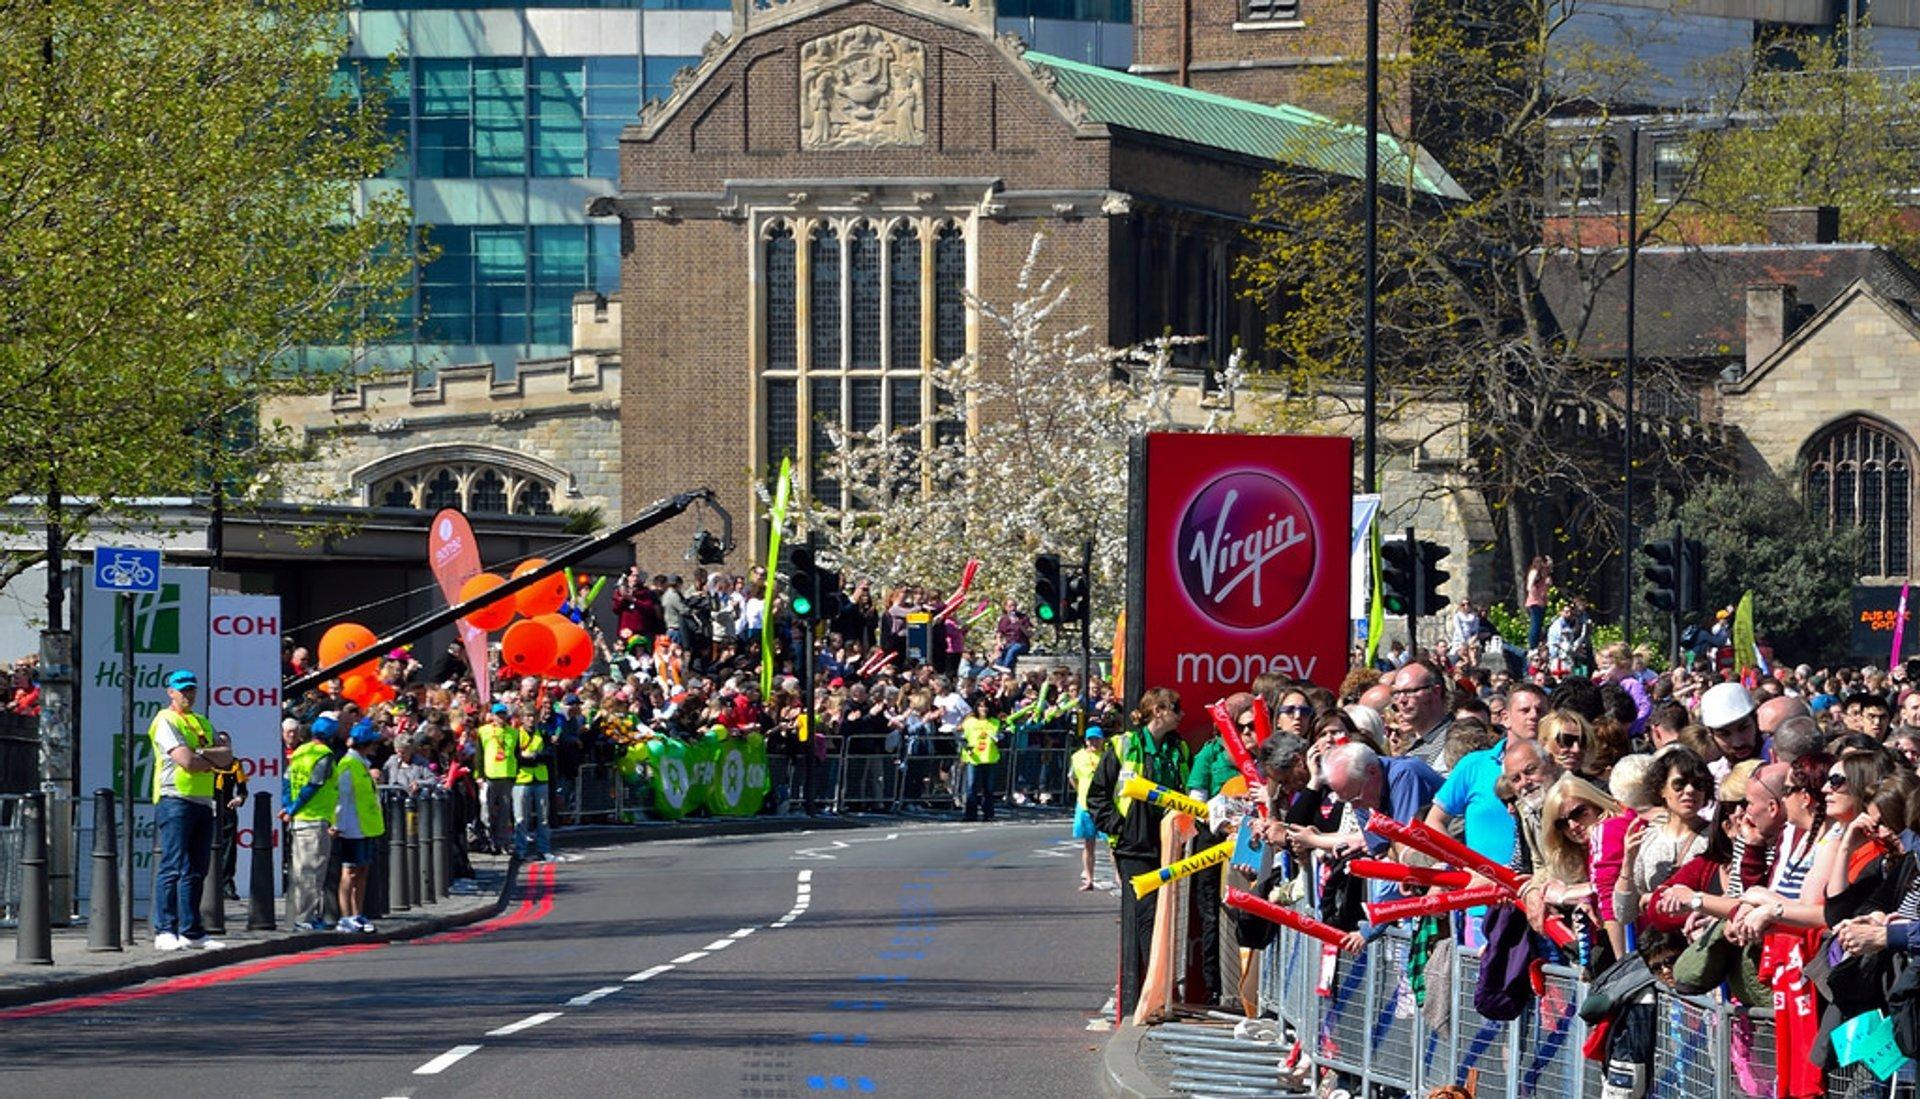 Virgin Money London Marathon in London - Best Season